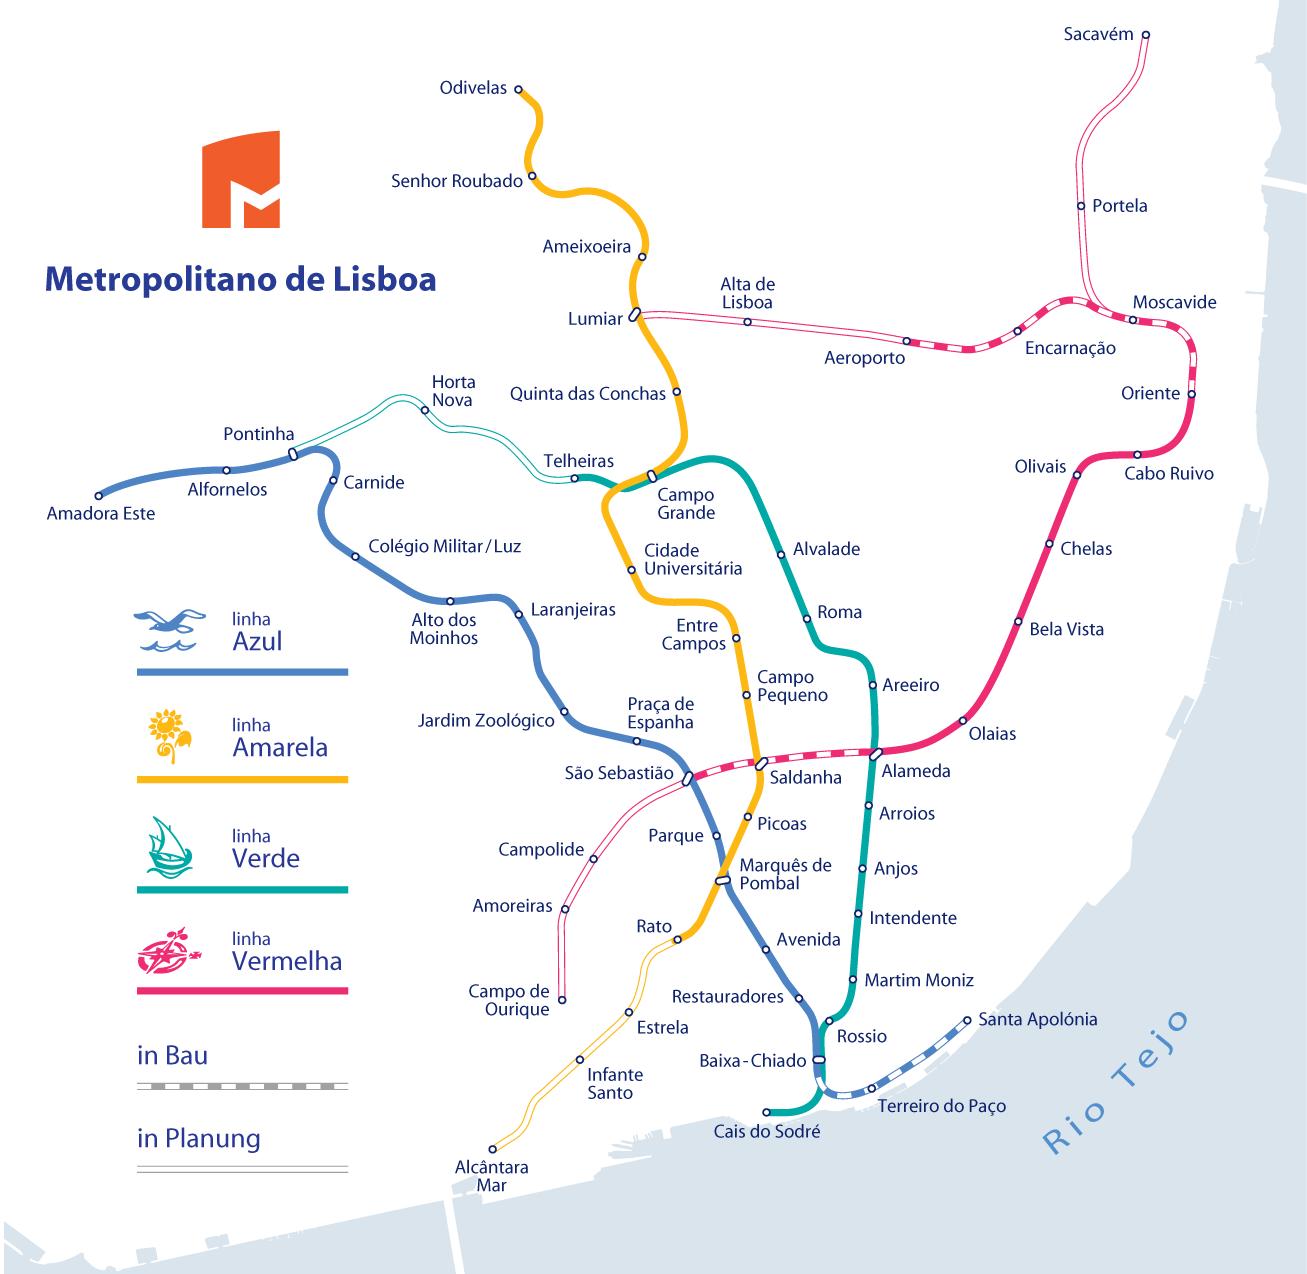 Metro de Lisboa - Guia de Sobrevivência 1